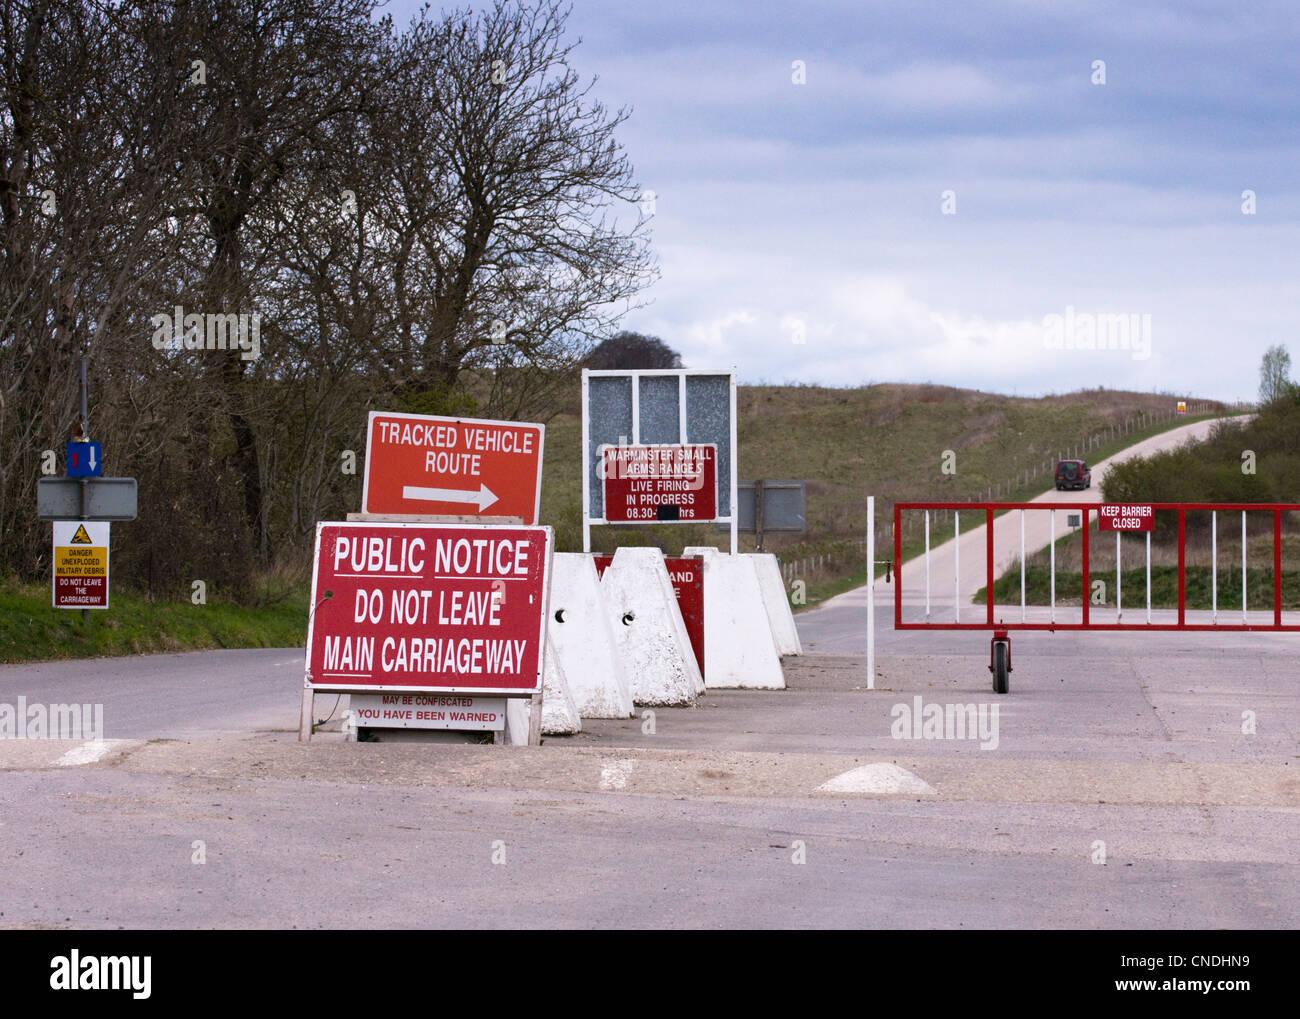 British Army Training Ground on Salisbury Plain, near the deserted village of Imber - Stock Image